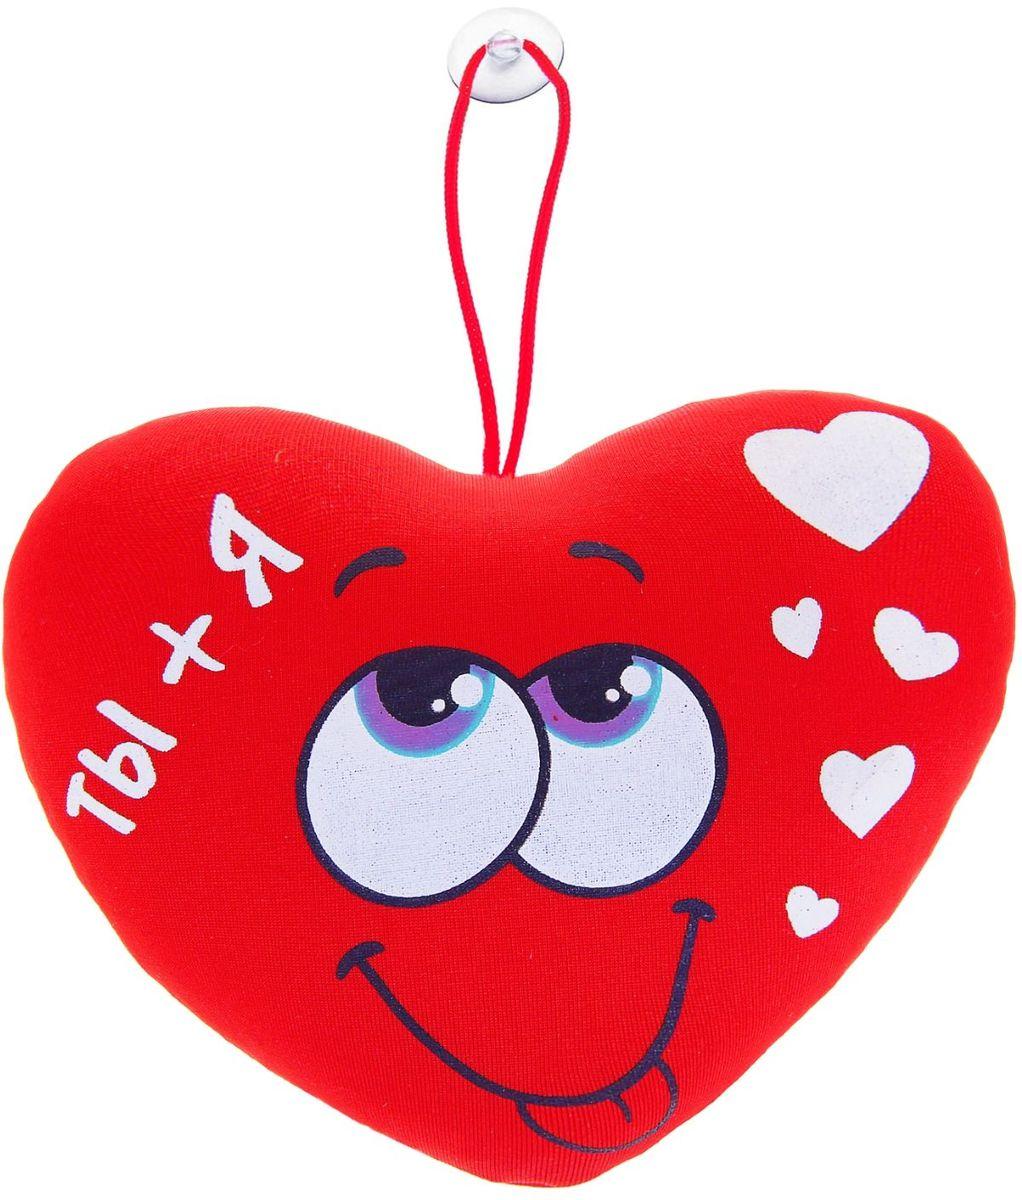 Sima-land Мягкая игрушка-антистресс Сердечко Ты+я 864925 sima land мягкая игрушка антистресс сердечко скажи мне да 330862